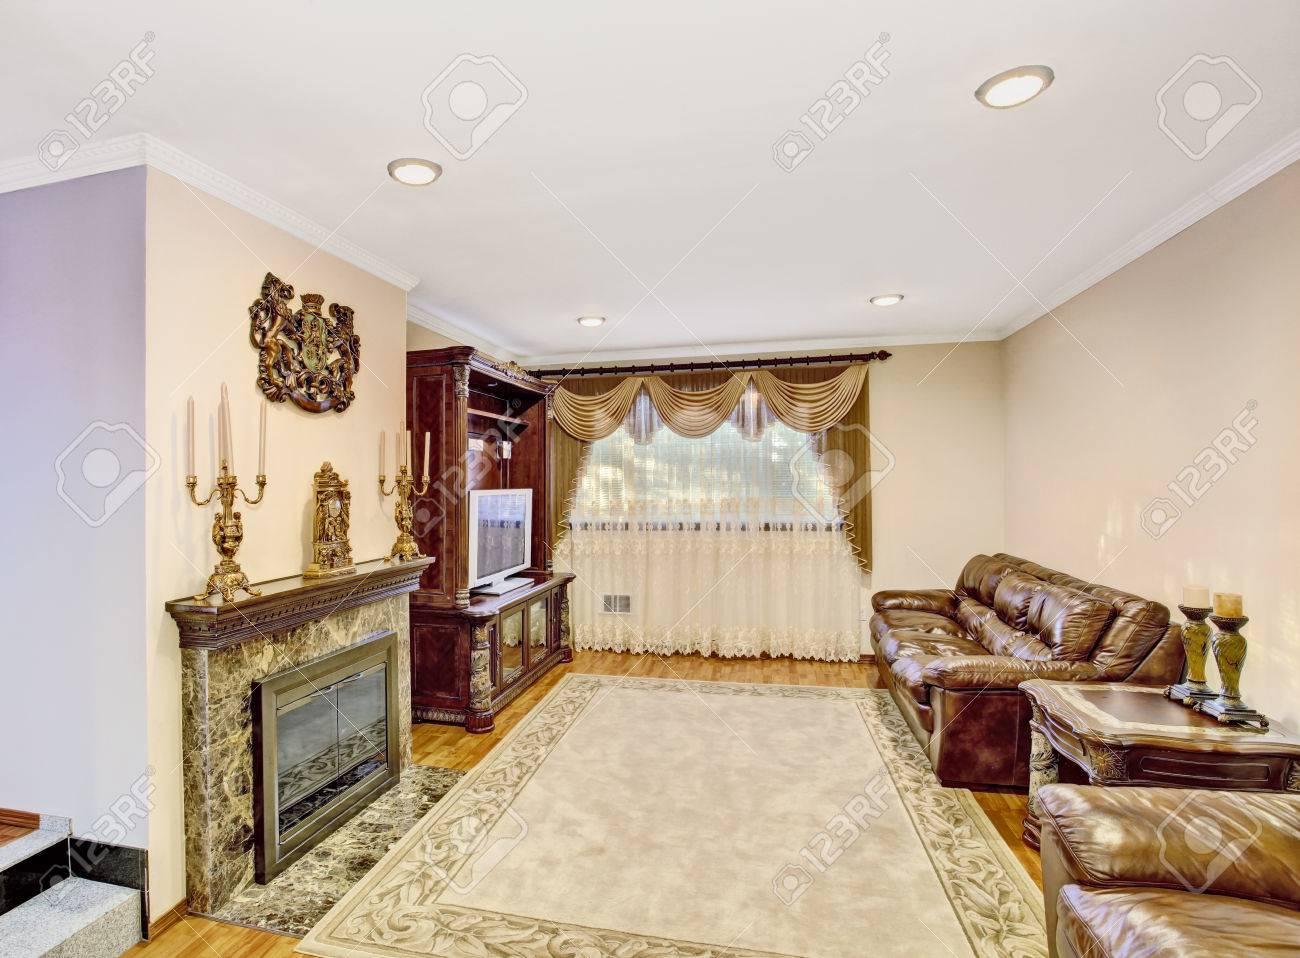 Luxus Wohnzimmer Mit Ledersofa, Vintage Möbel. Auch Kamin Und Schöne  Vorhänge.